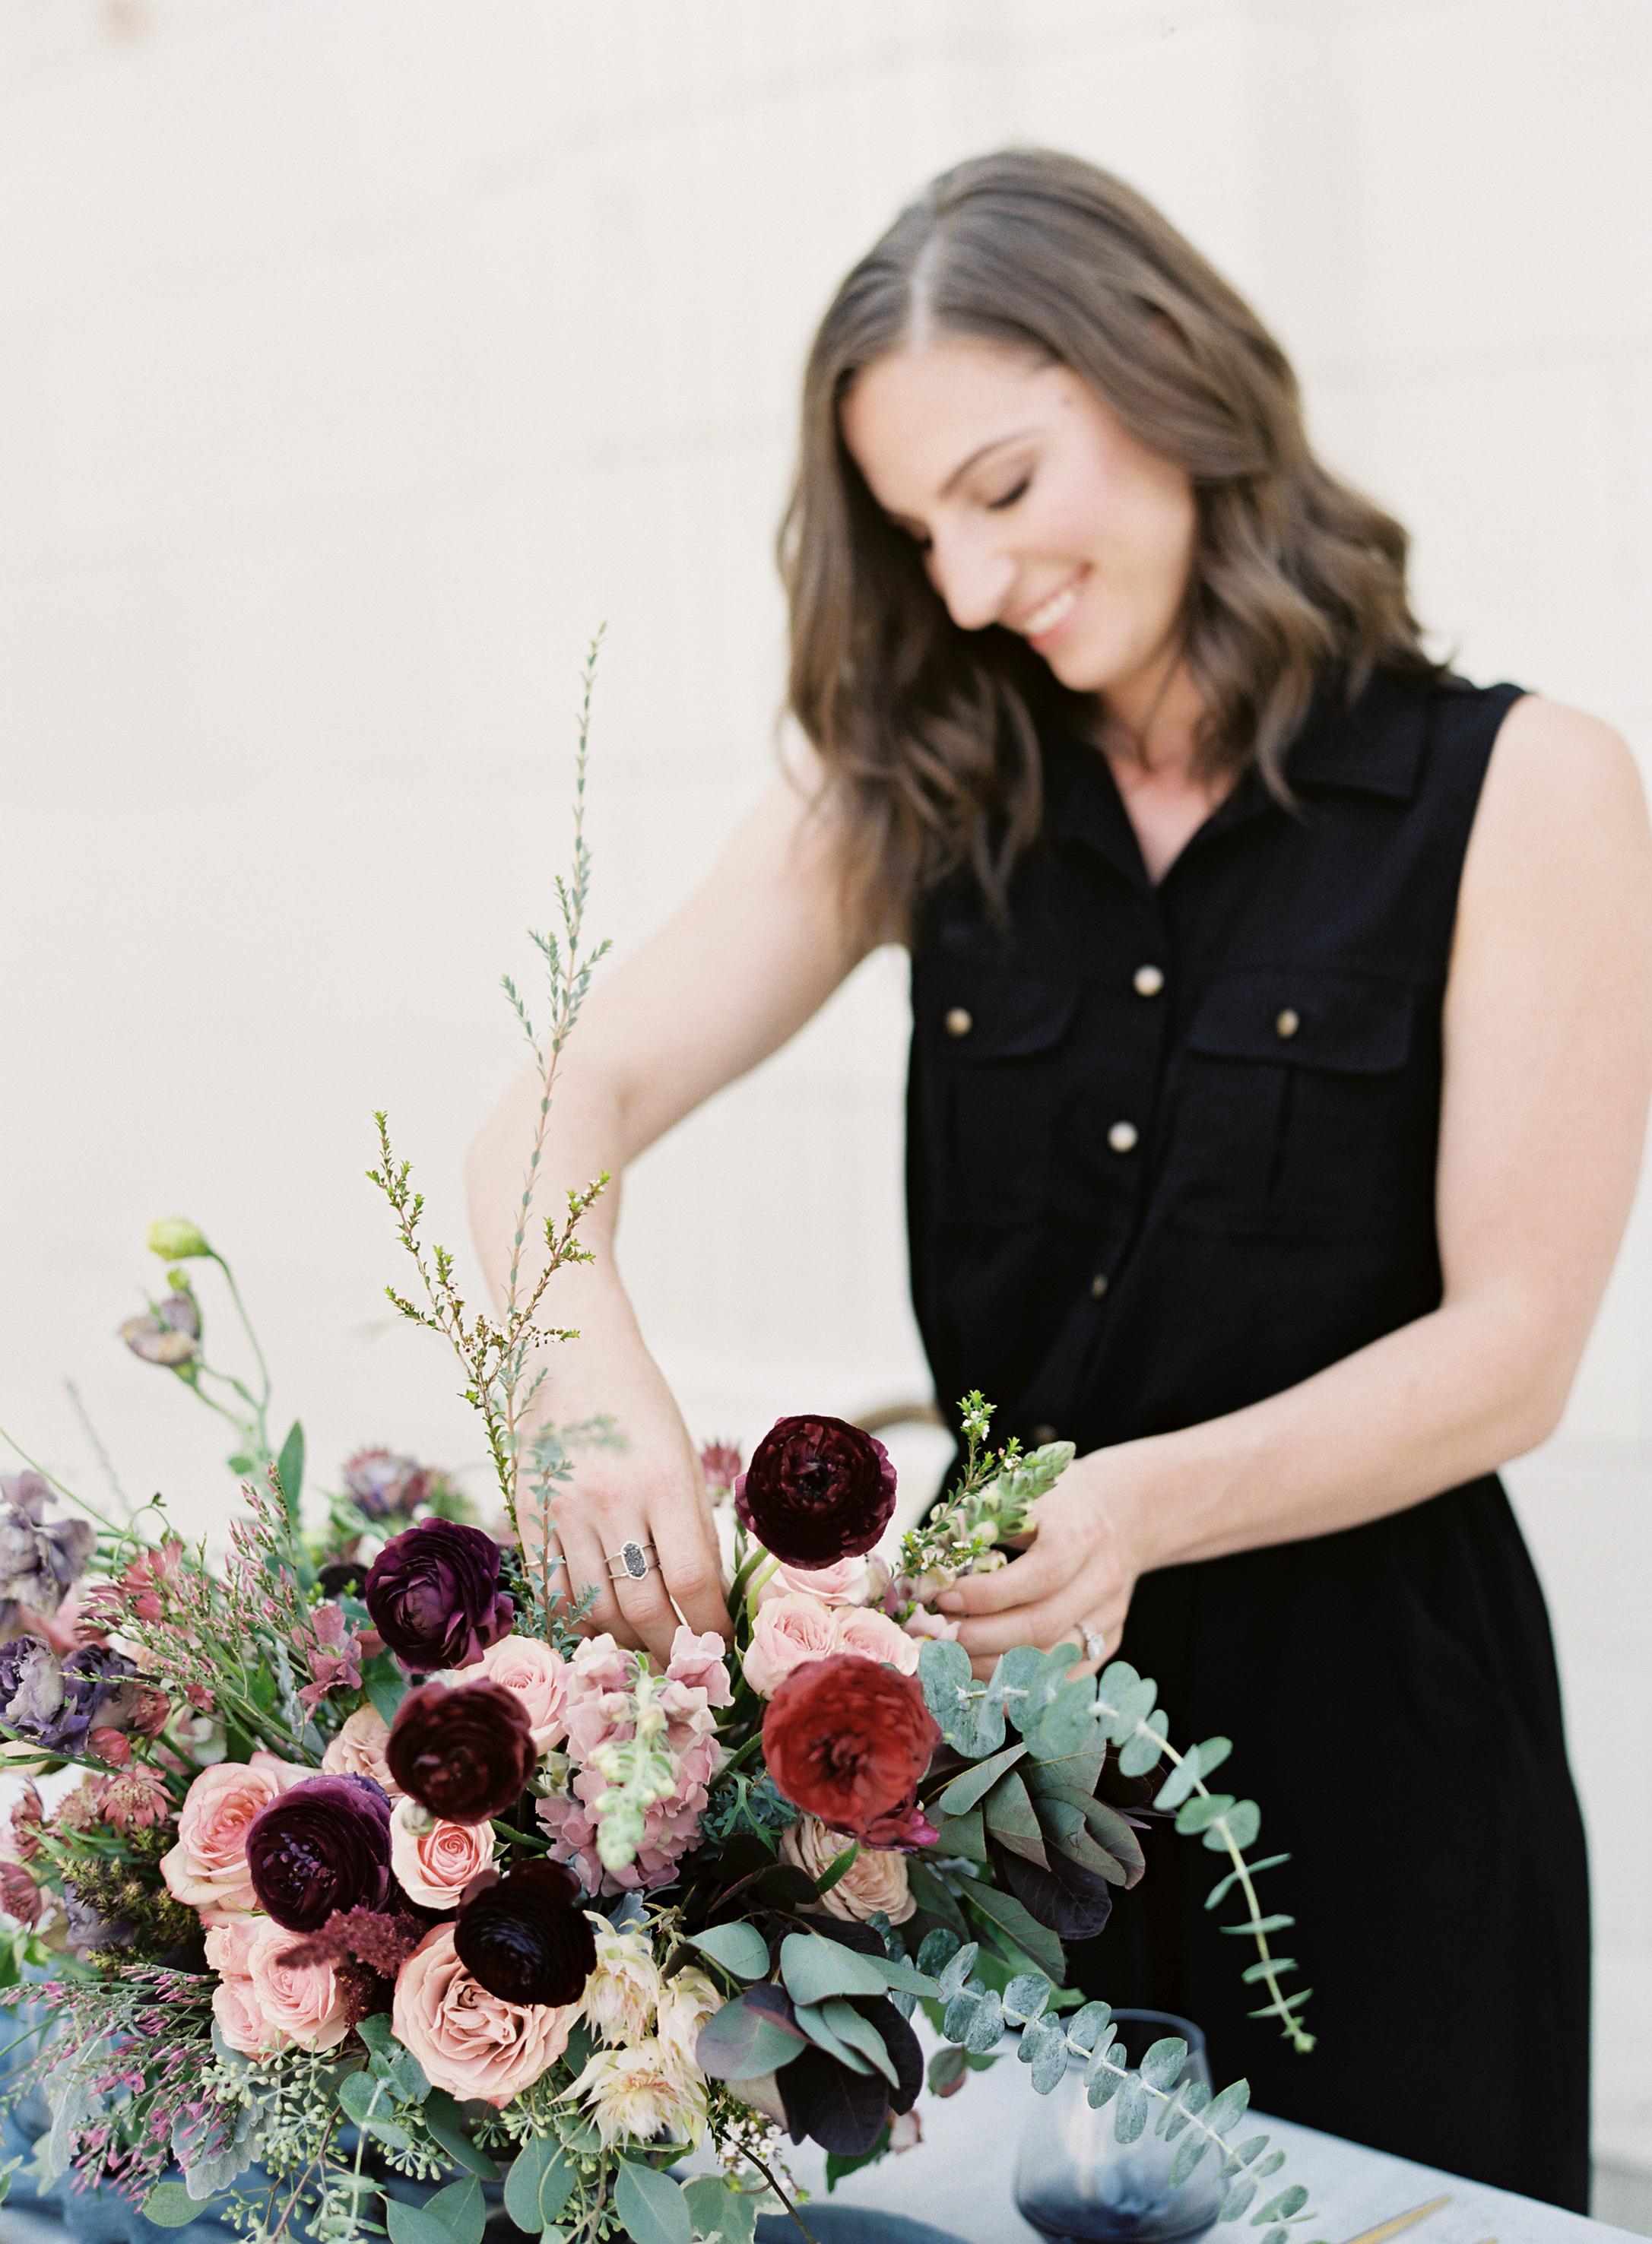 casey-scherrer-la-rue-floral-colorado-wedding-florist.jpg